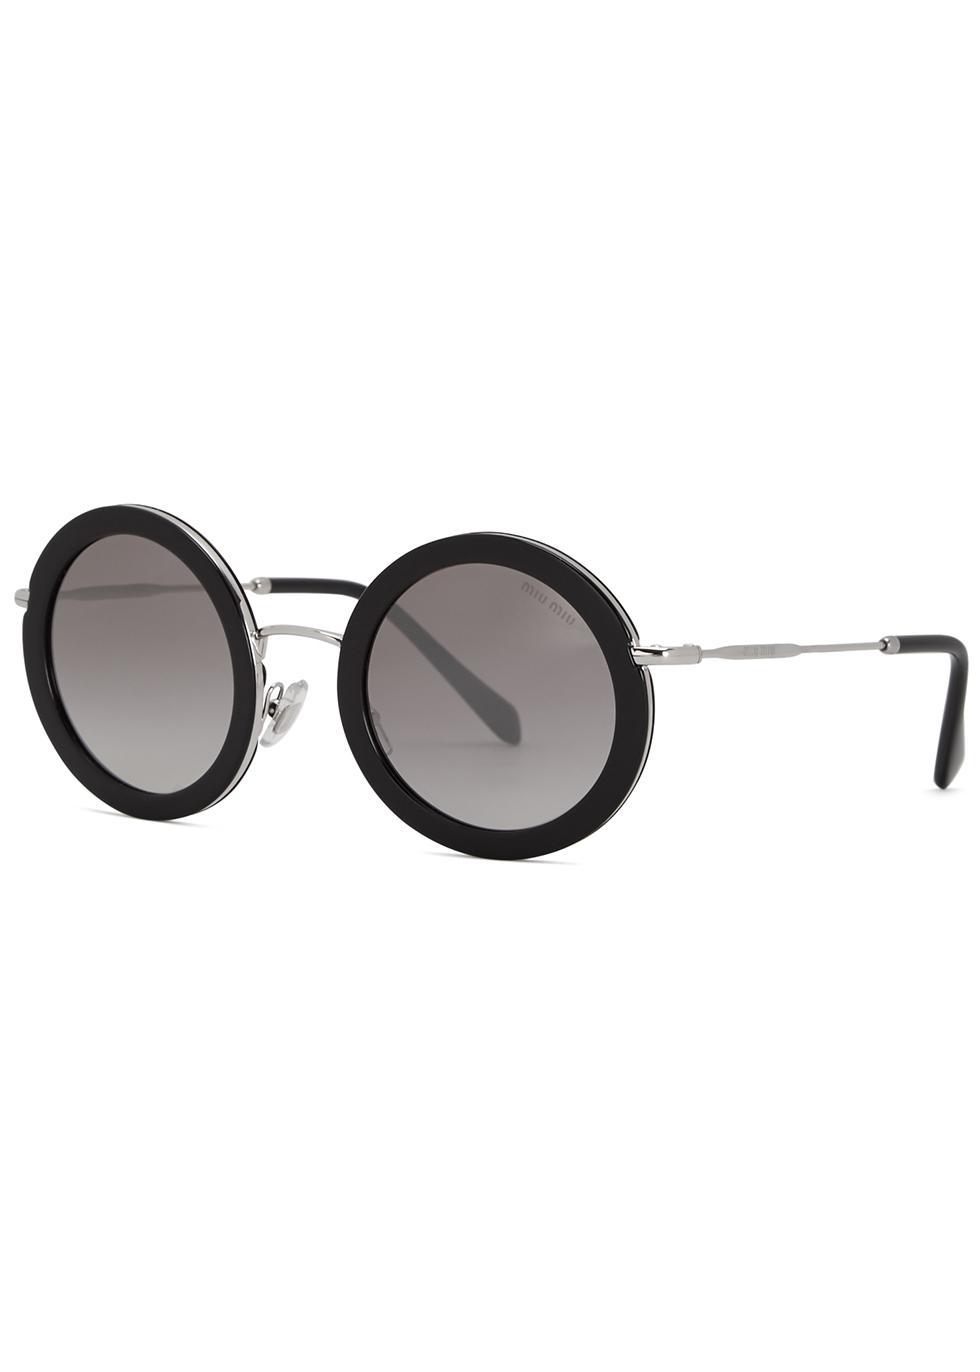 Mirrored round-frame sunglasses - Miu Miu